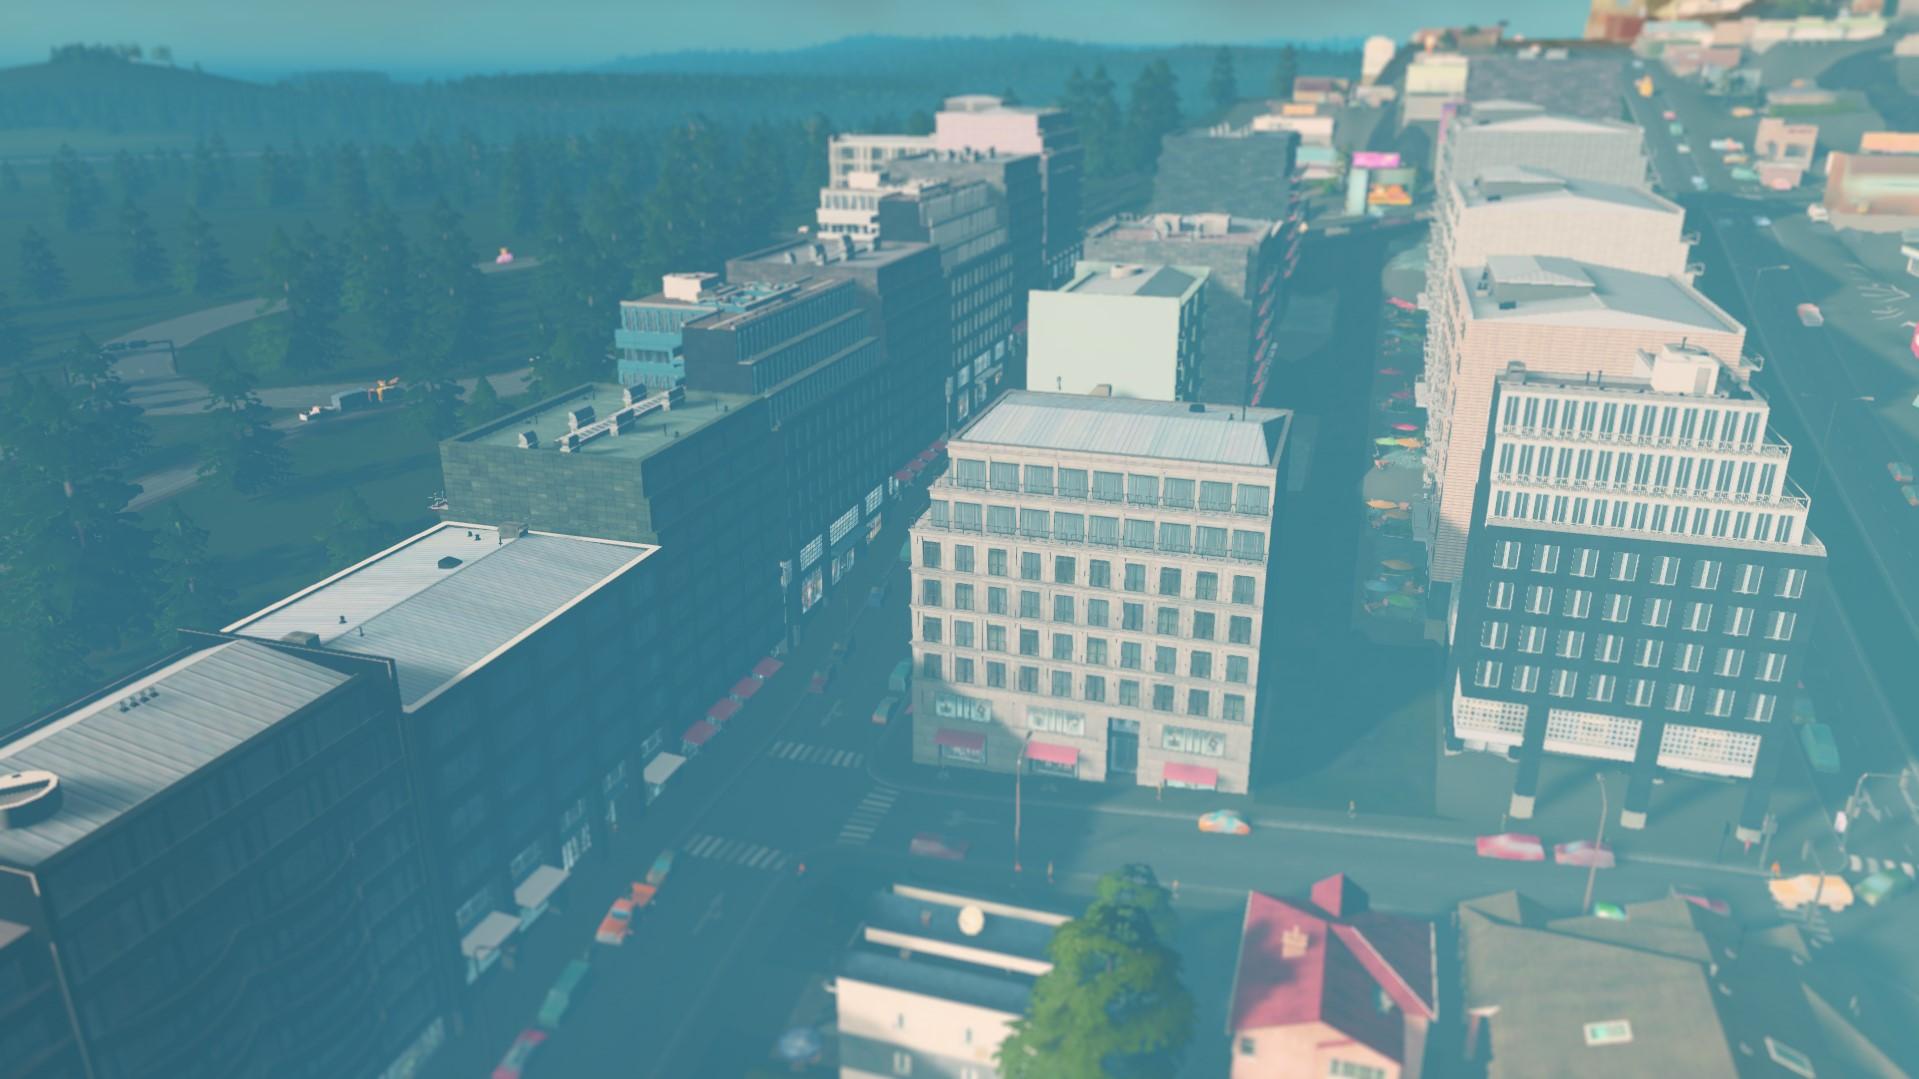 Строгие фасады зданий cities skylines